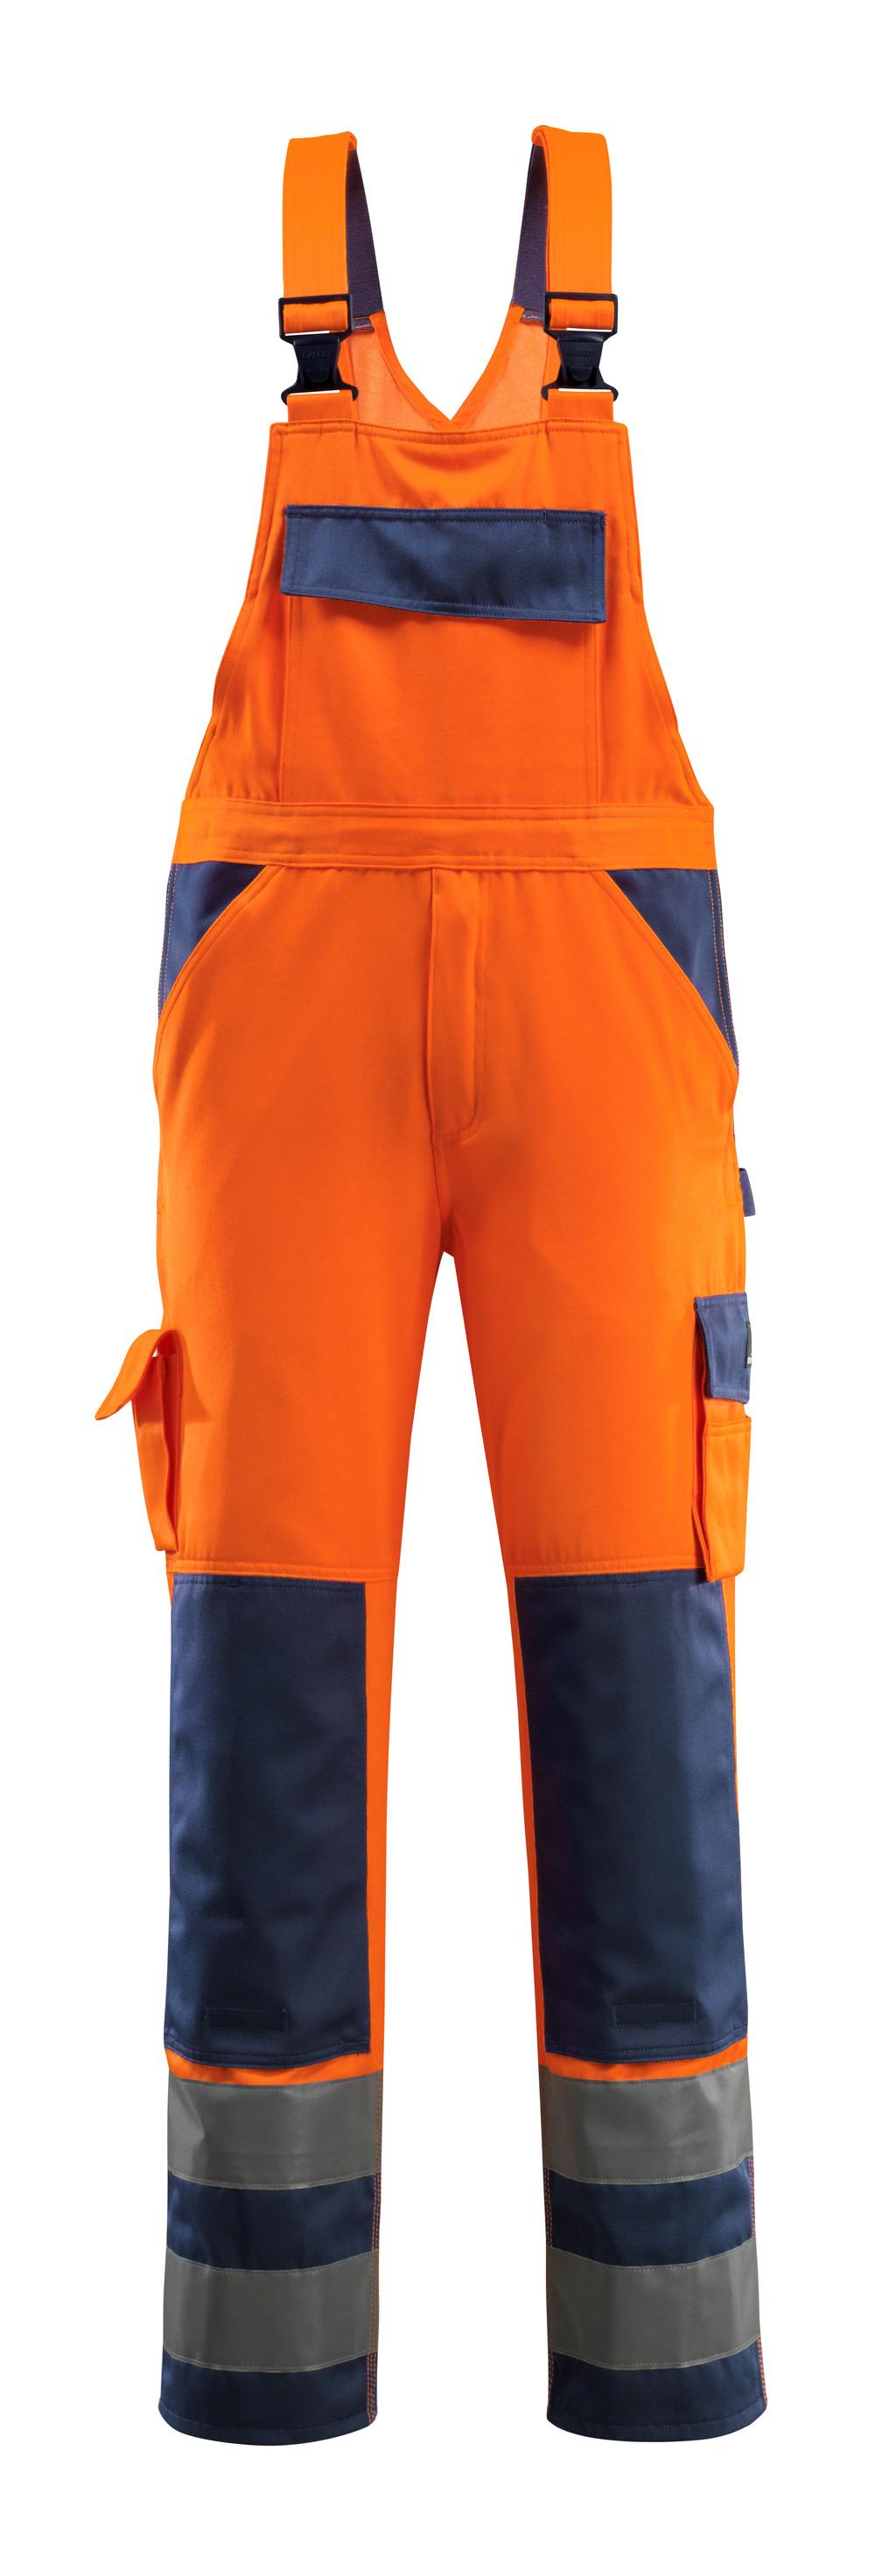 07169-860-141 Snickarbyxor med knäfickor - hi-vis orange/marin